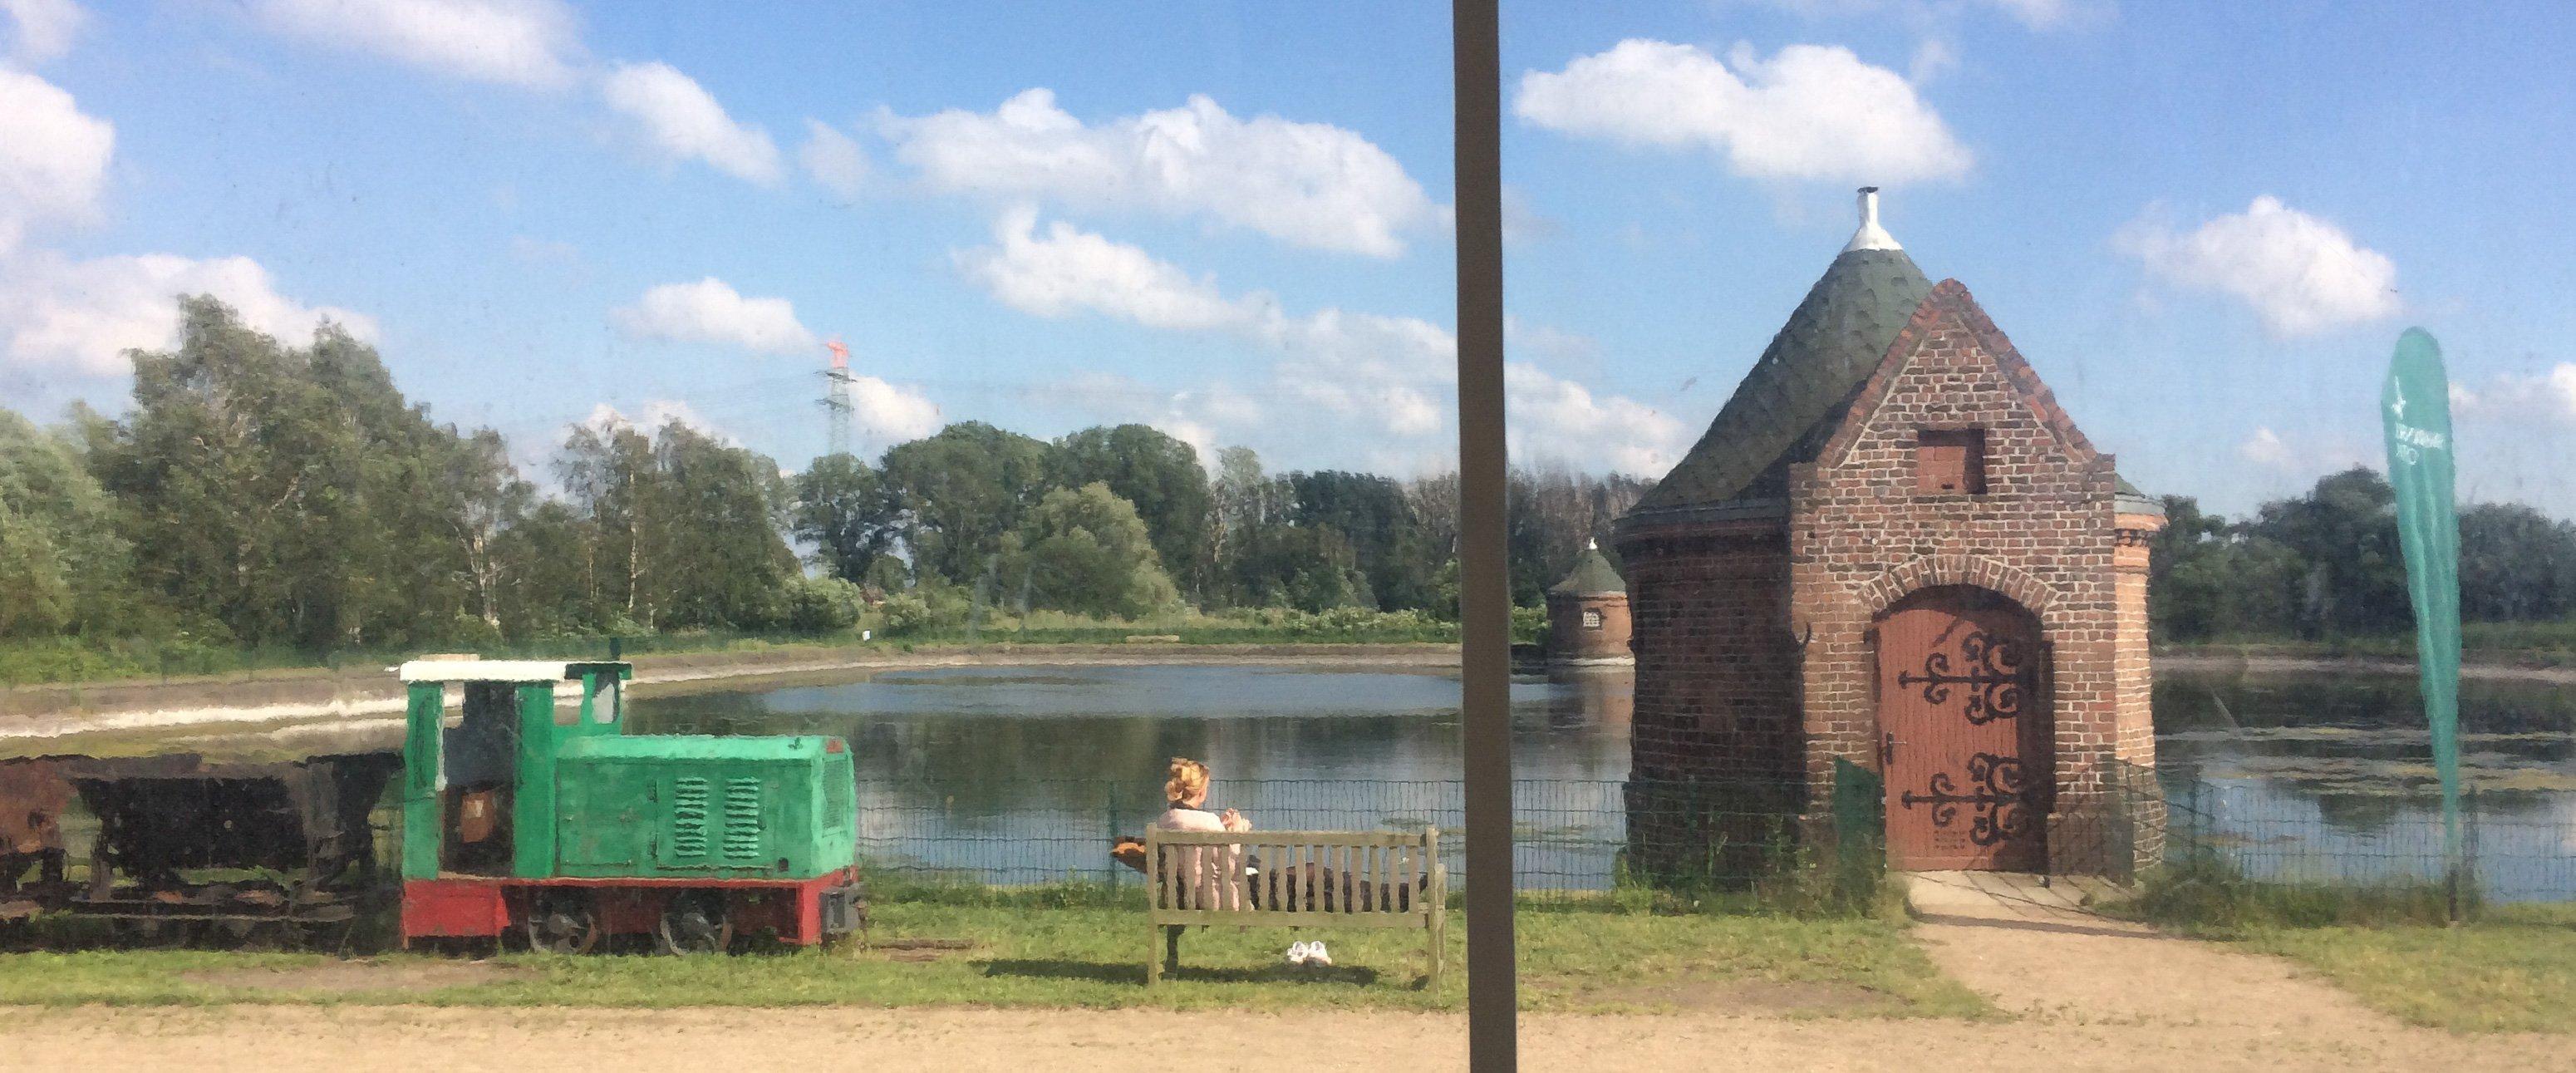 Blick über ein Wasserreservoir, davor ein Backsteinhäuschen und eine Grubenlokomotive. Ein Mensch sitzt auf einer Bank.